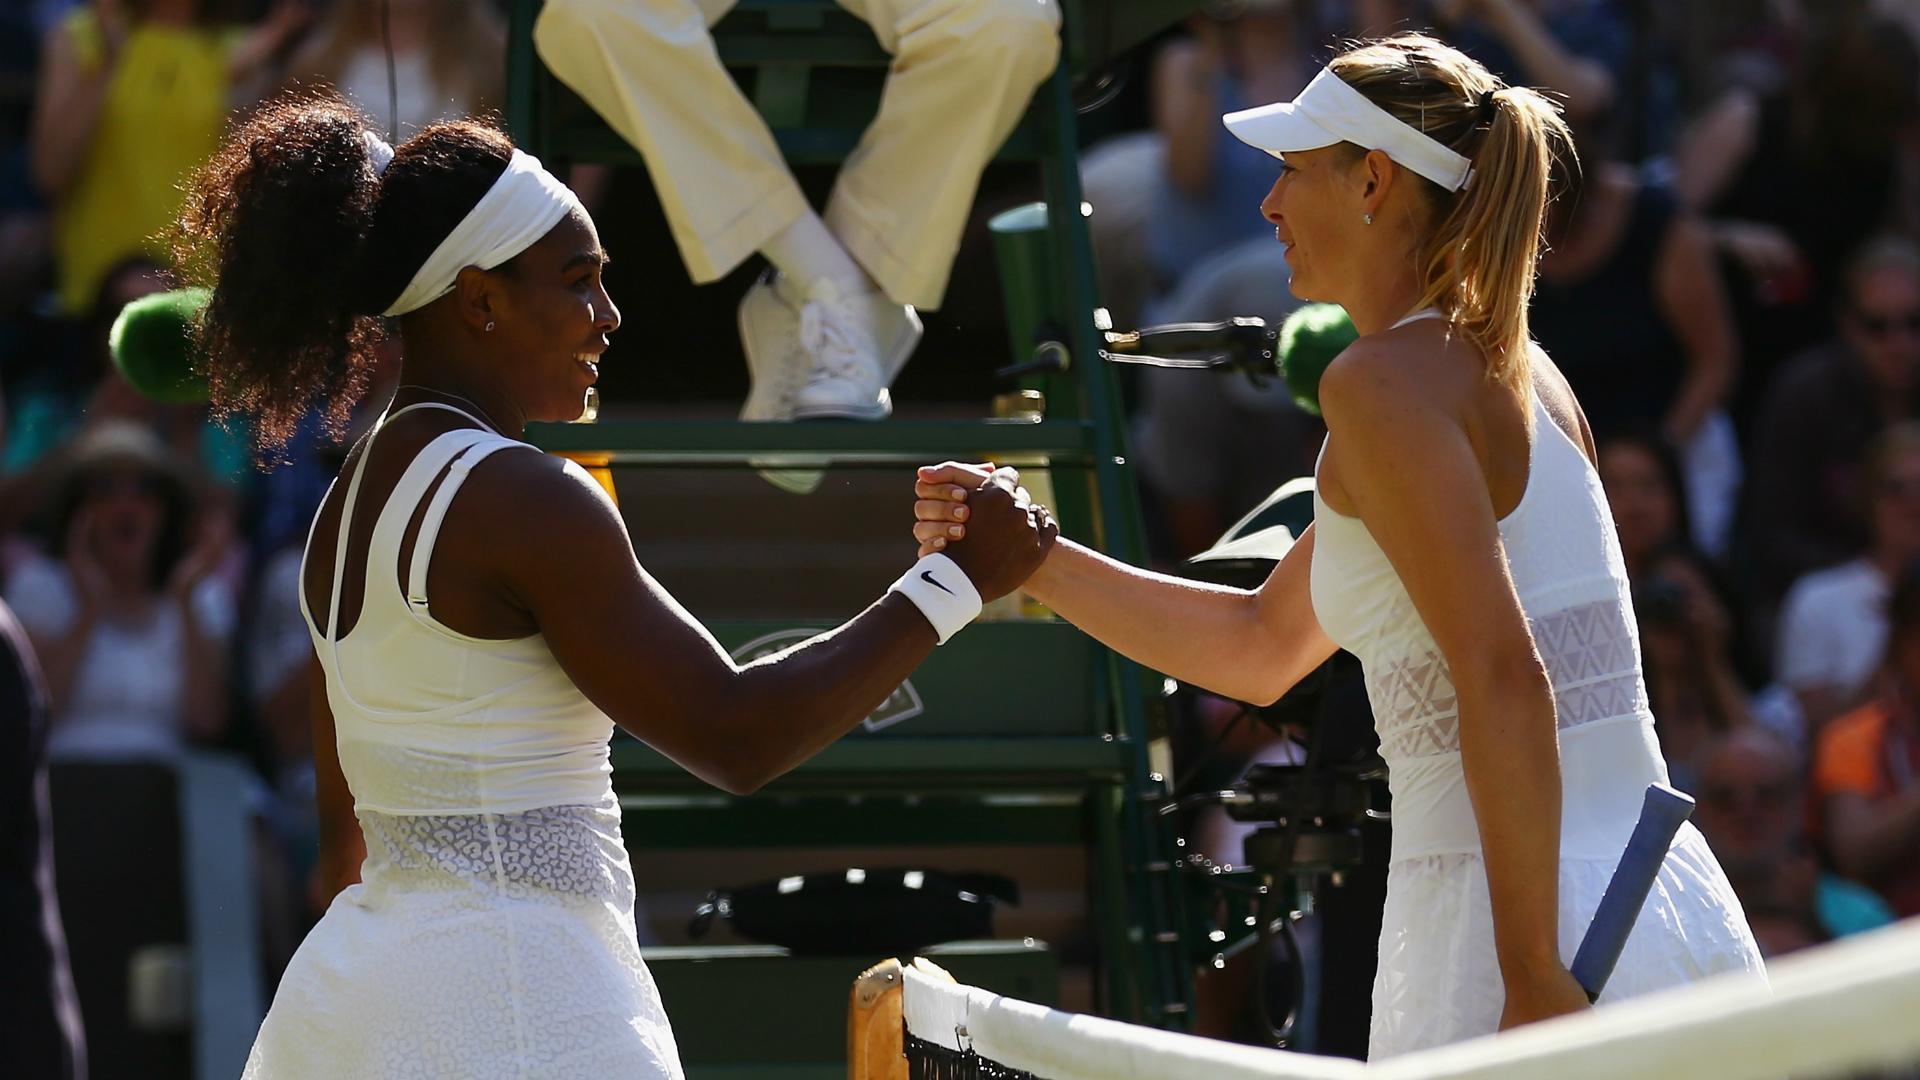 US Open 2019: Serena Williams to face Maria Sharapova in